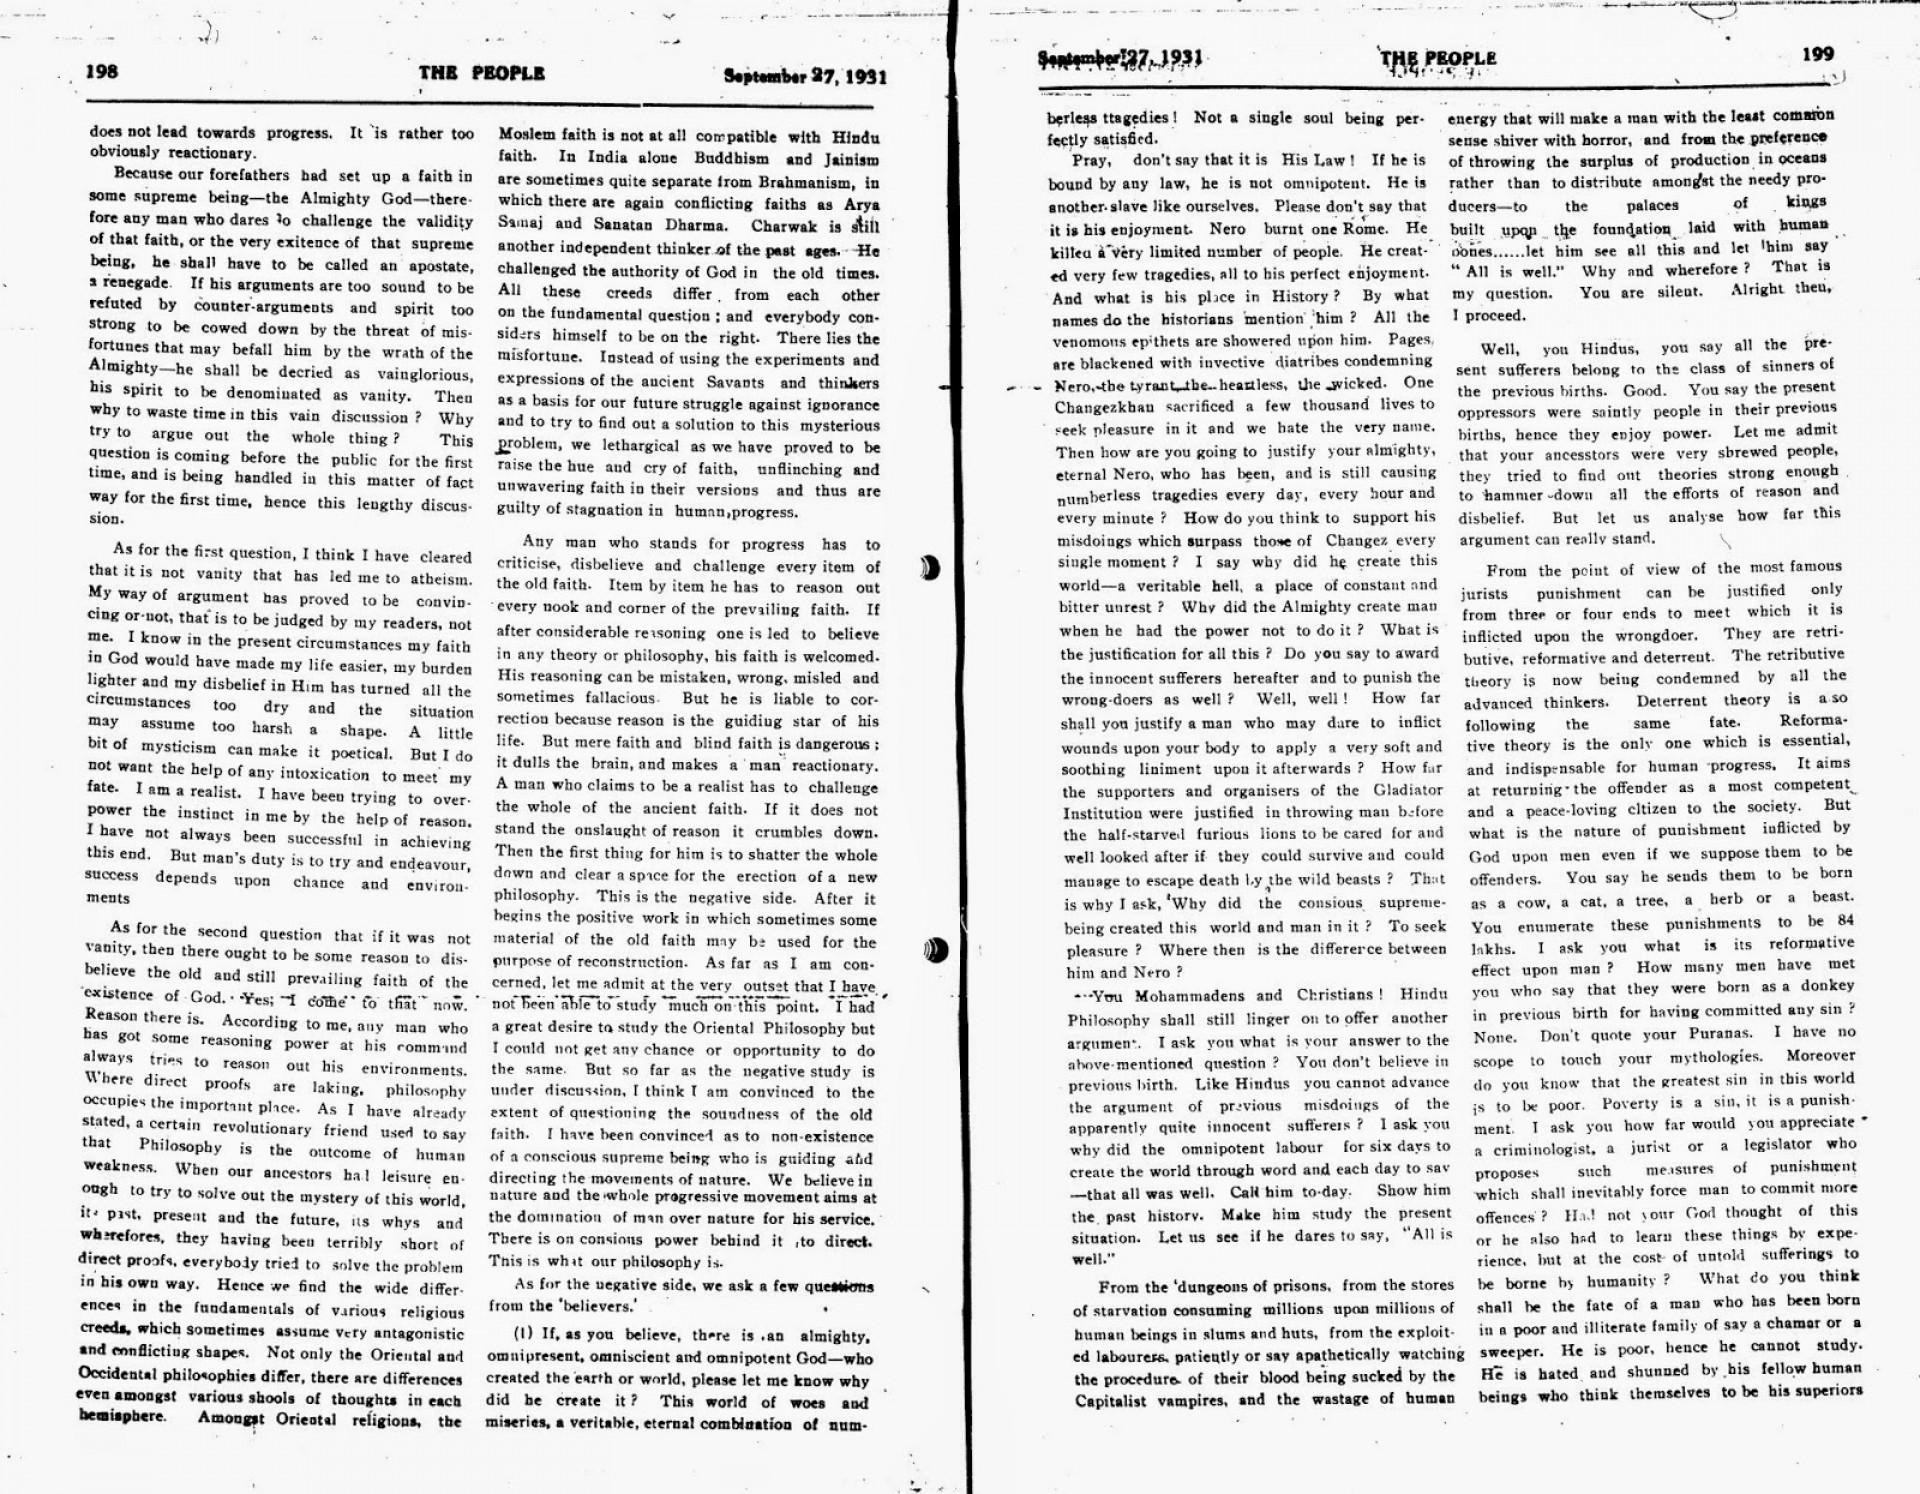 009 Essay Example Why2bi2bam2ban2batheist2b1 Jpg On Bhagat Singh In Unique Marathi Short 100 Words 1920